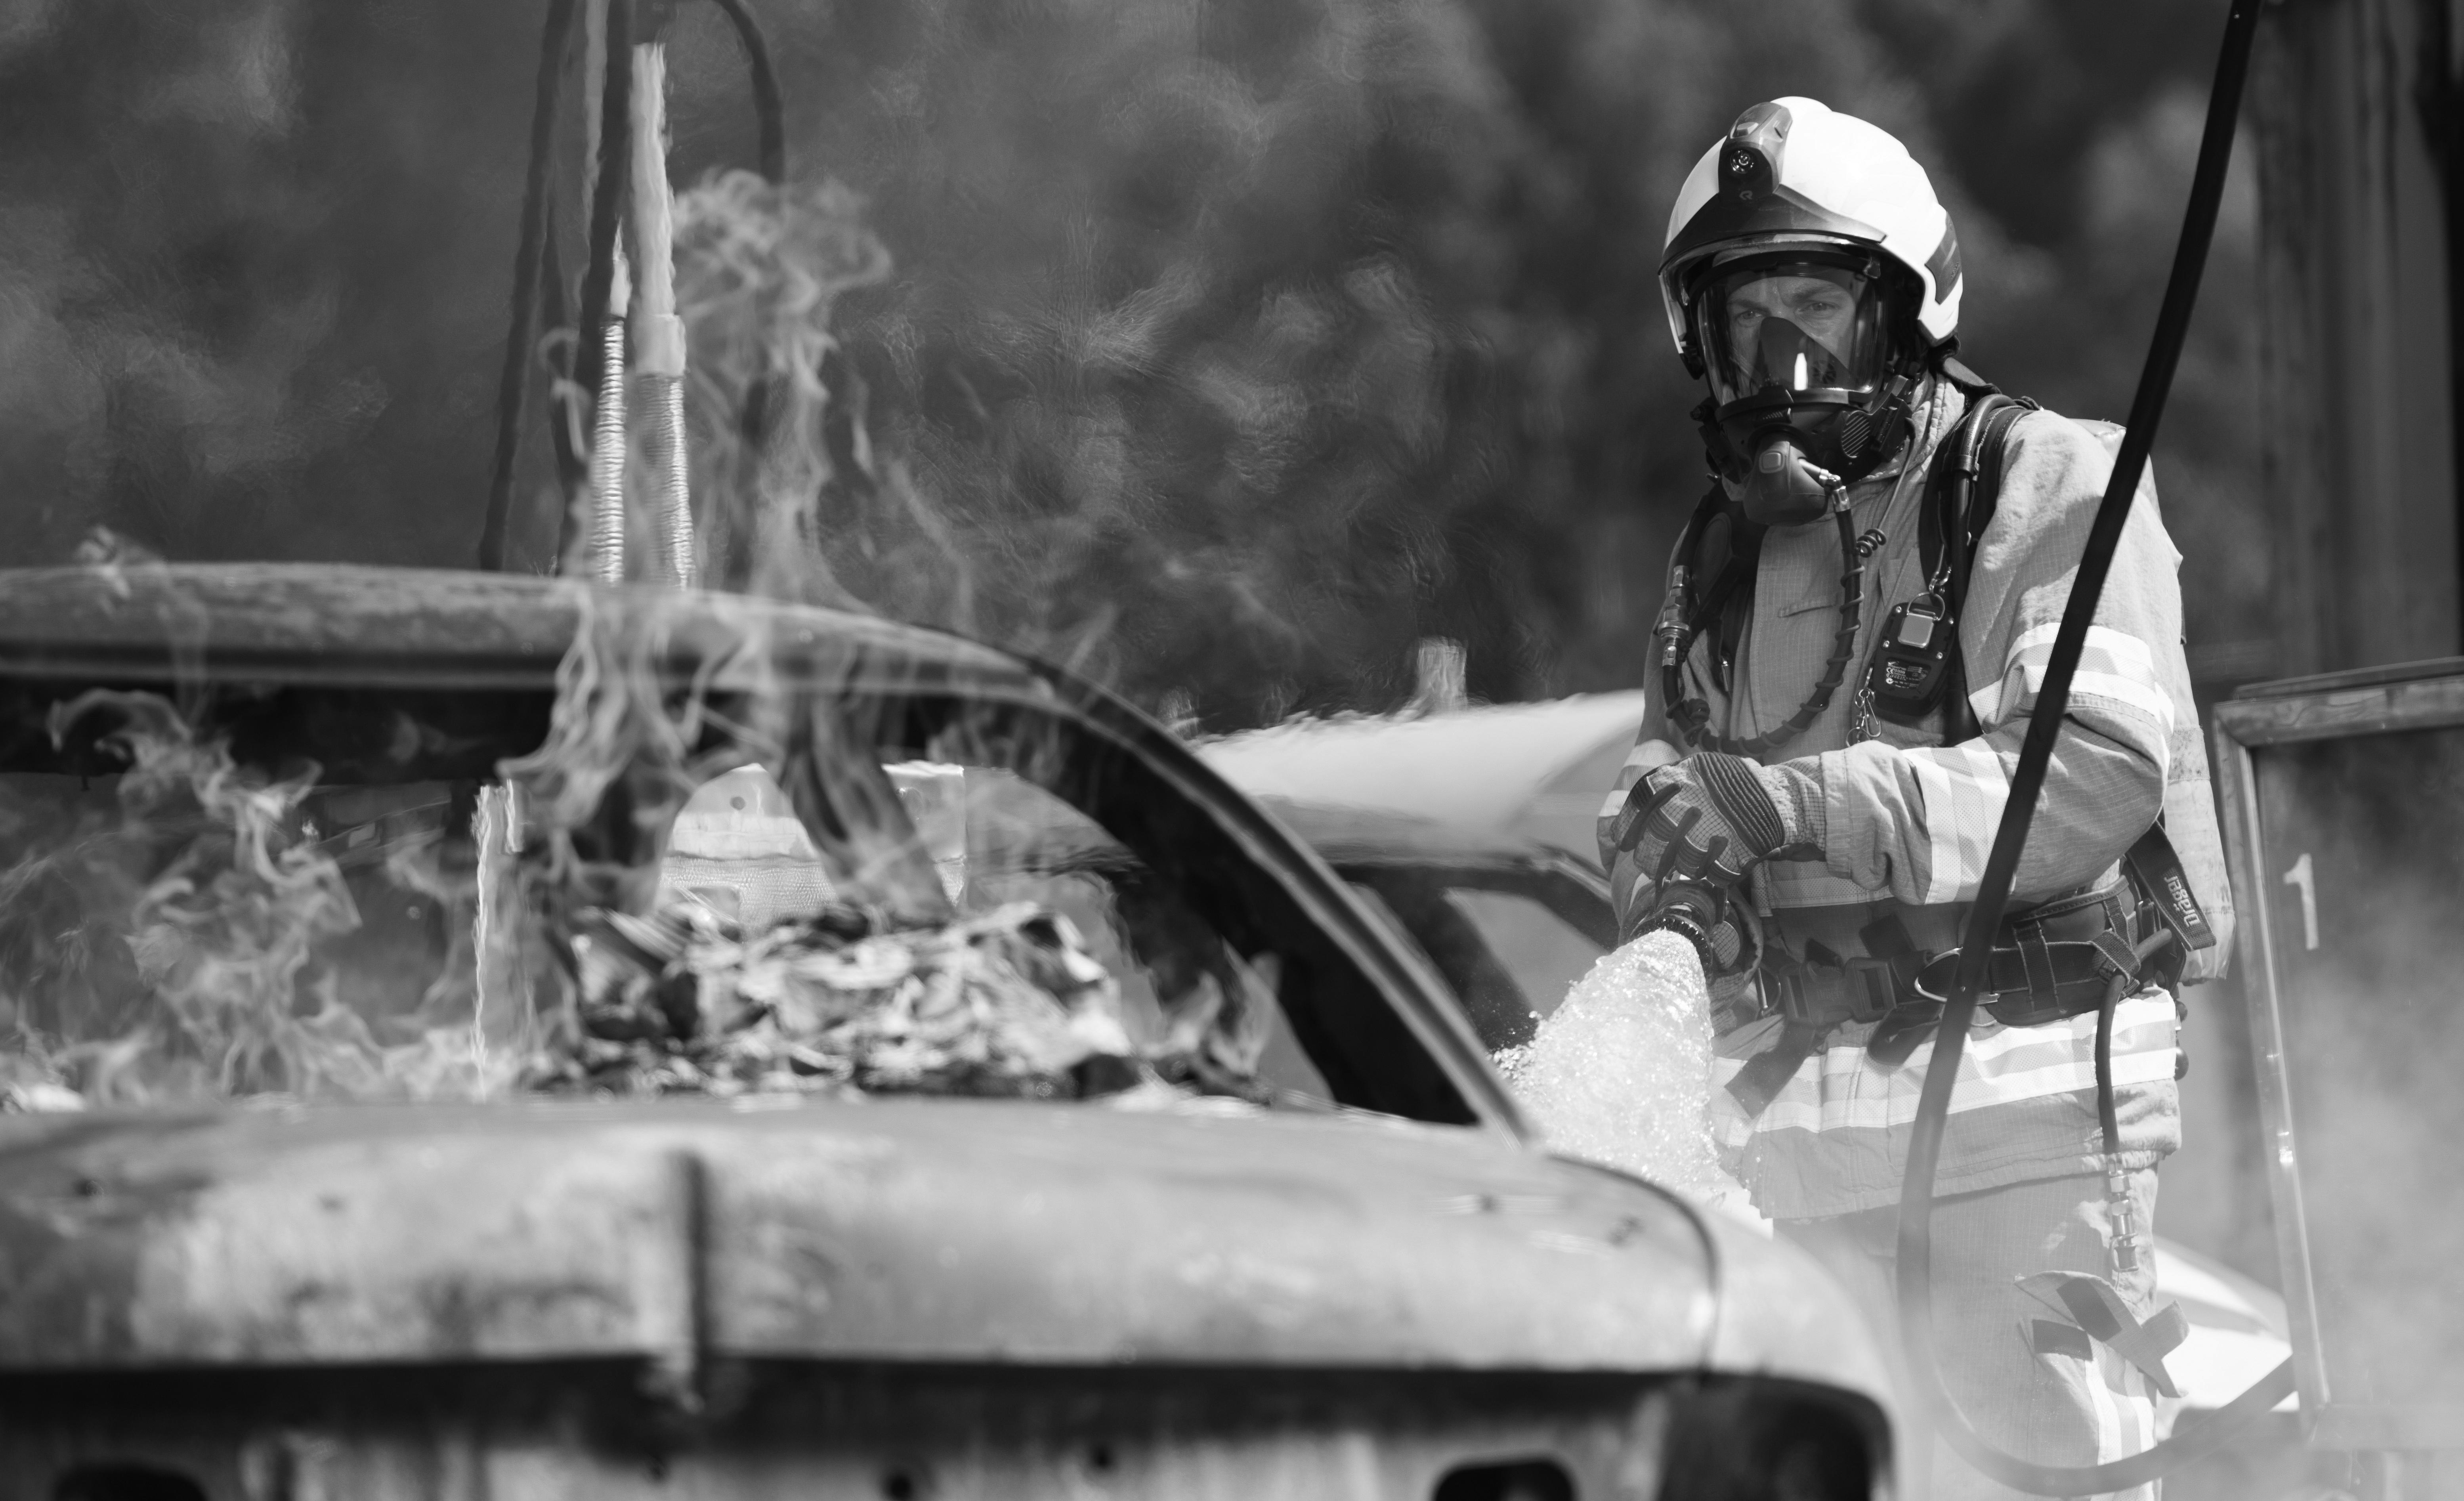 Firefighter Simon